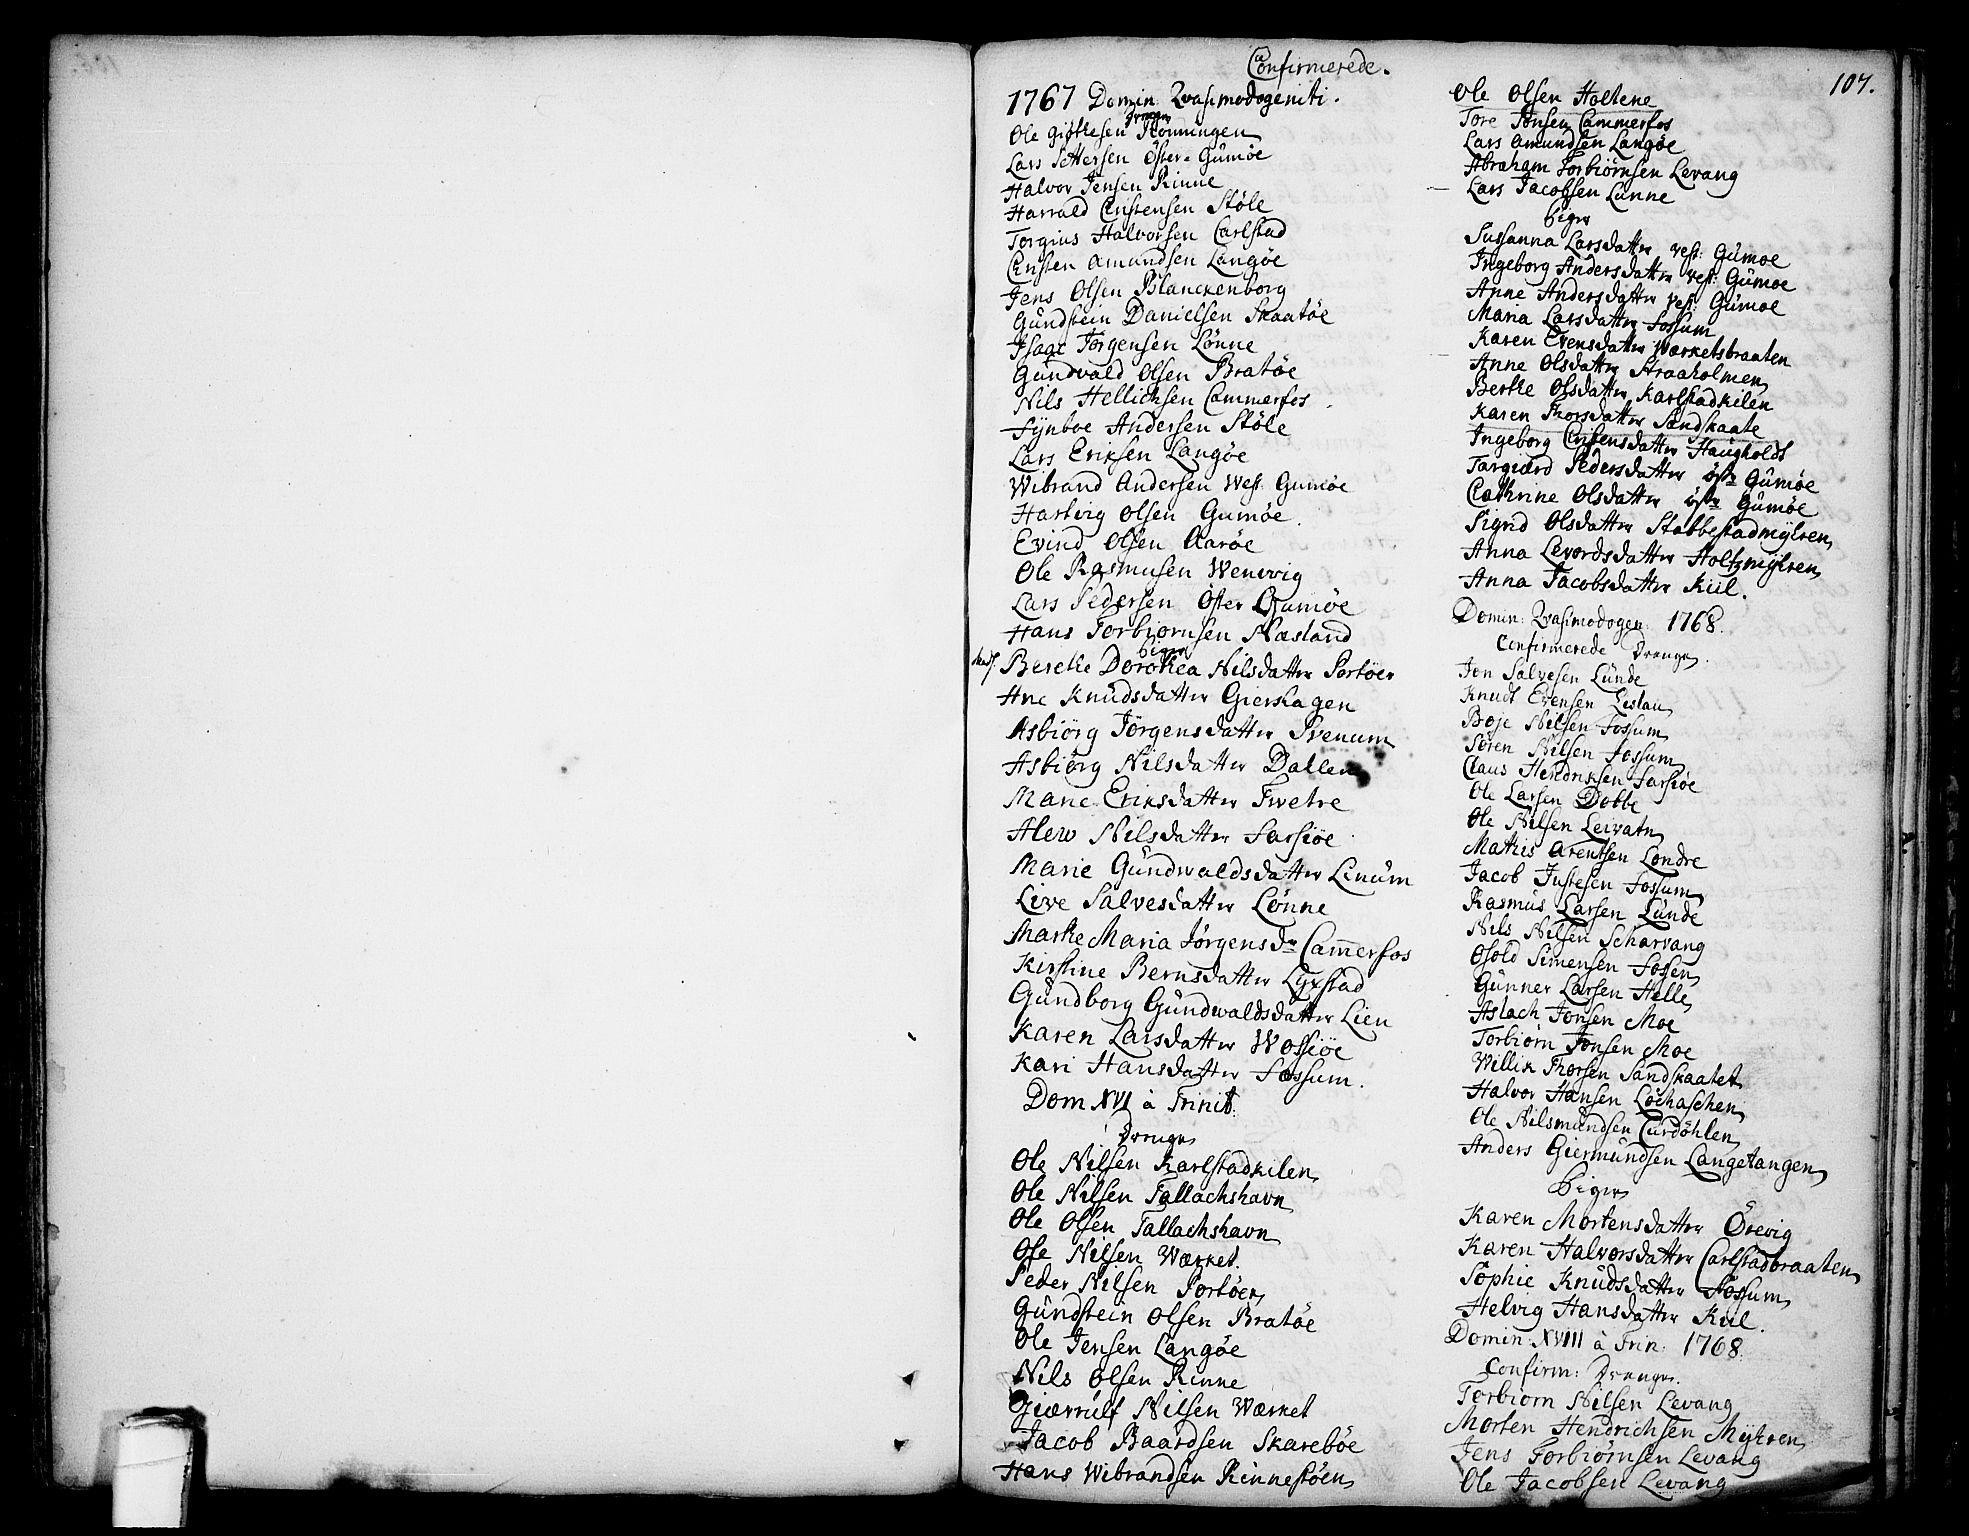 SAKO, Sannidal kirkebøker, F/Fa/L0002: Ministerialbok nr. 2, 1767-1802, s. 107